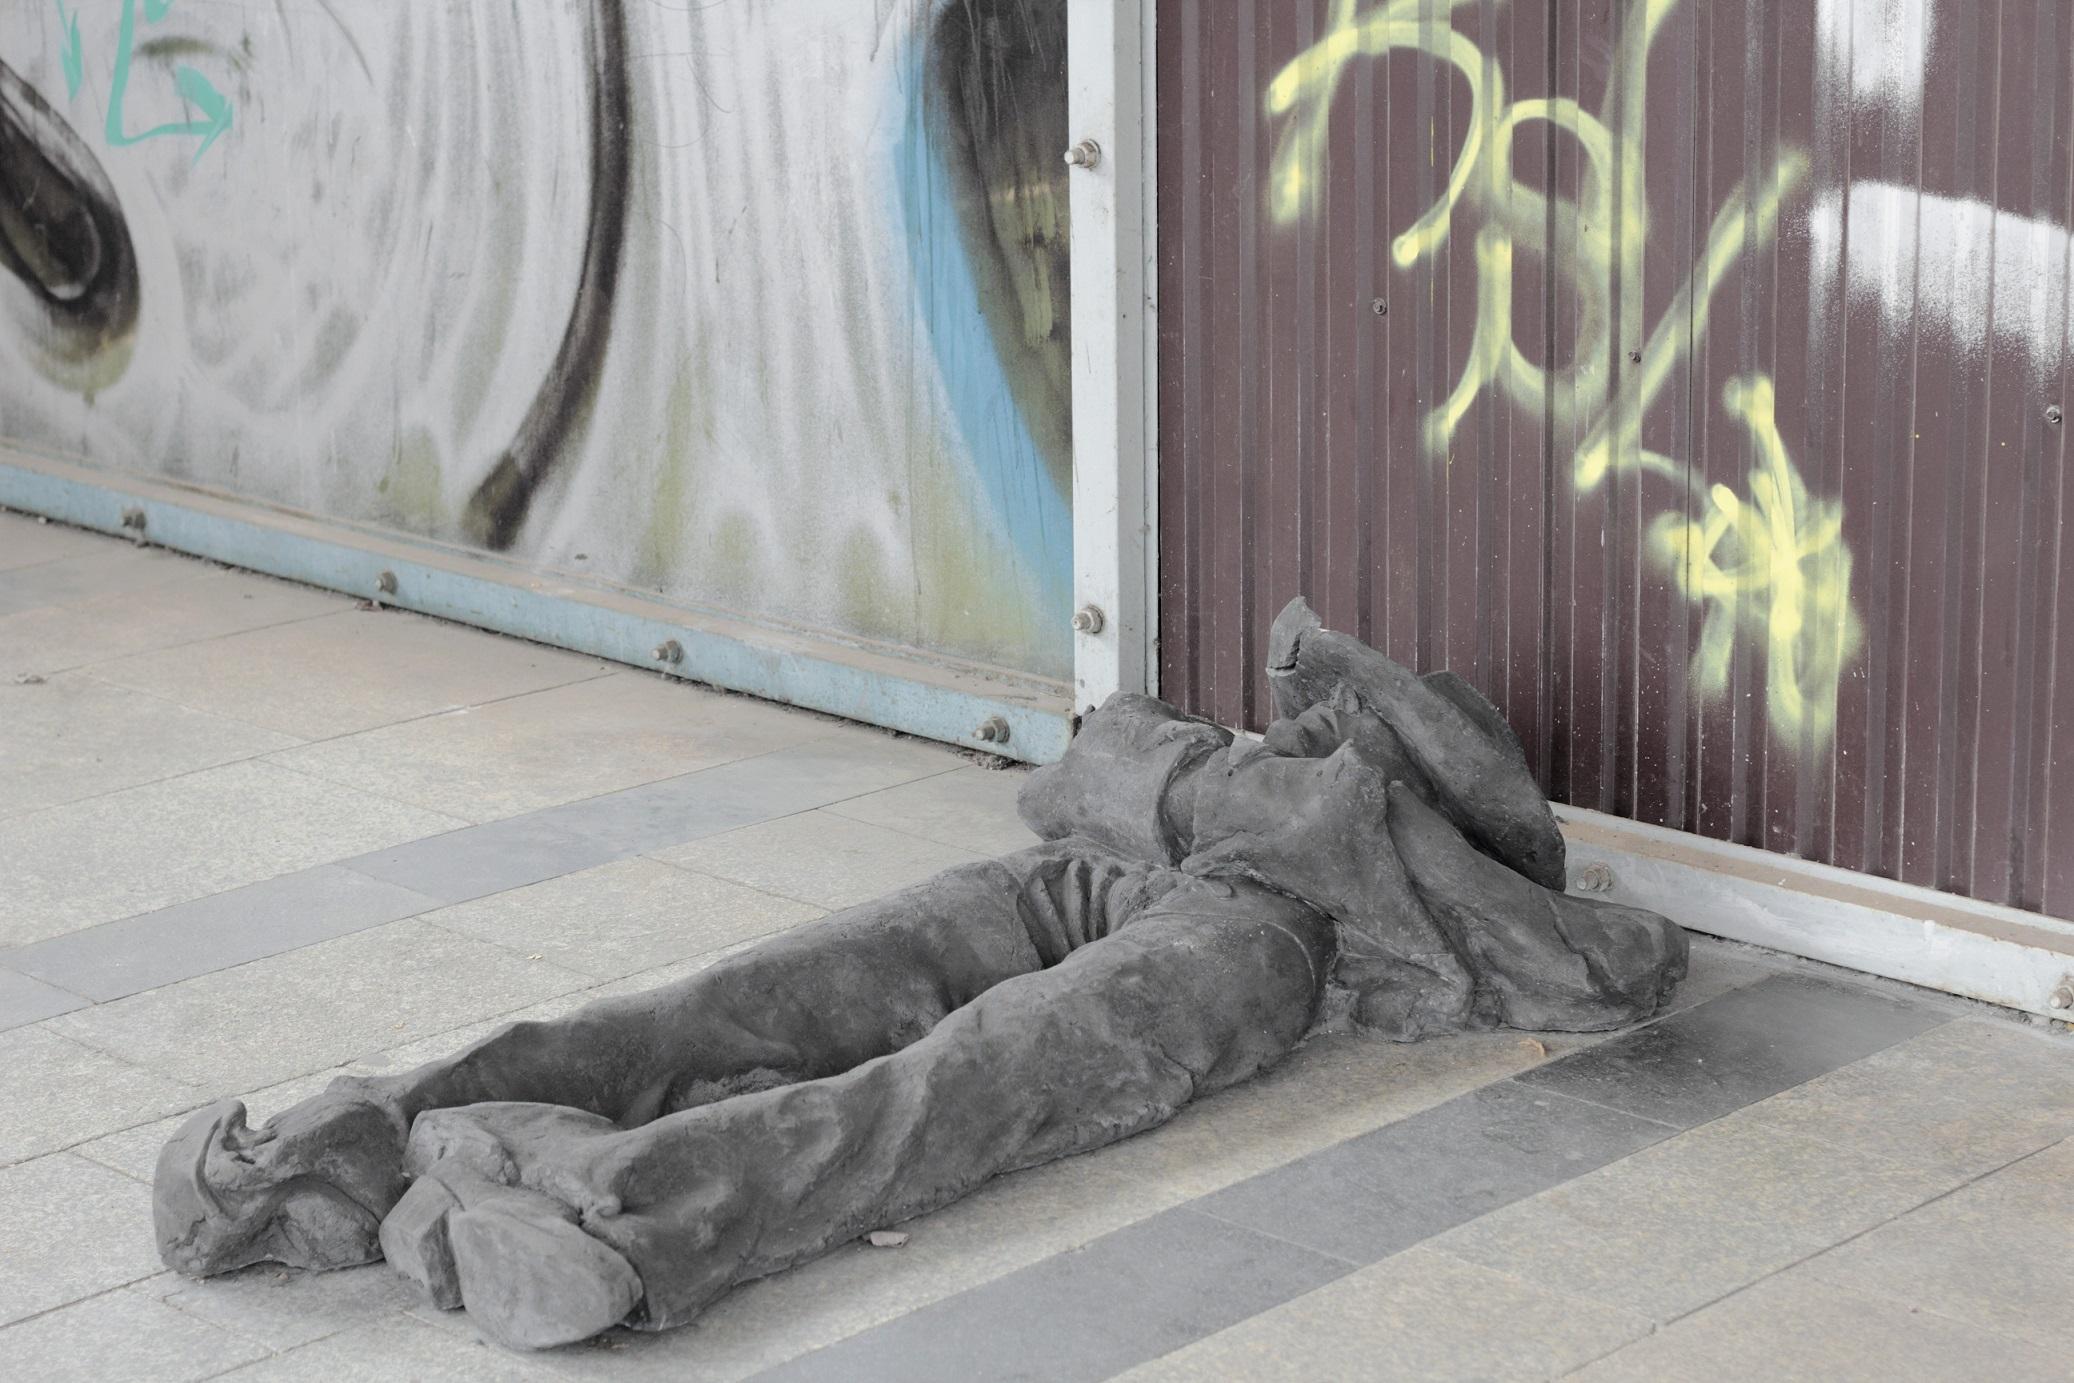 Łukasz Jastrubczak, Śpiący kowboj, dworzec kolejowy Tarnów-Mościce, fot.Mateusz Sadowski